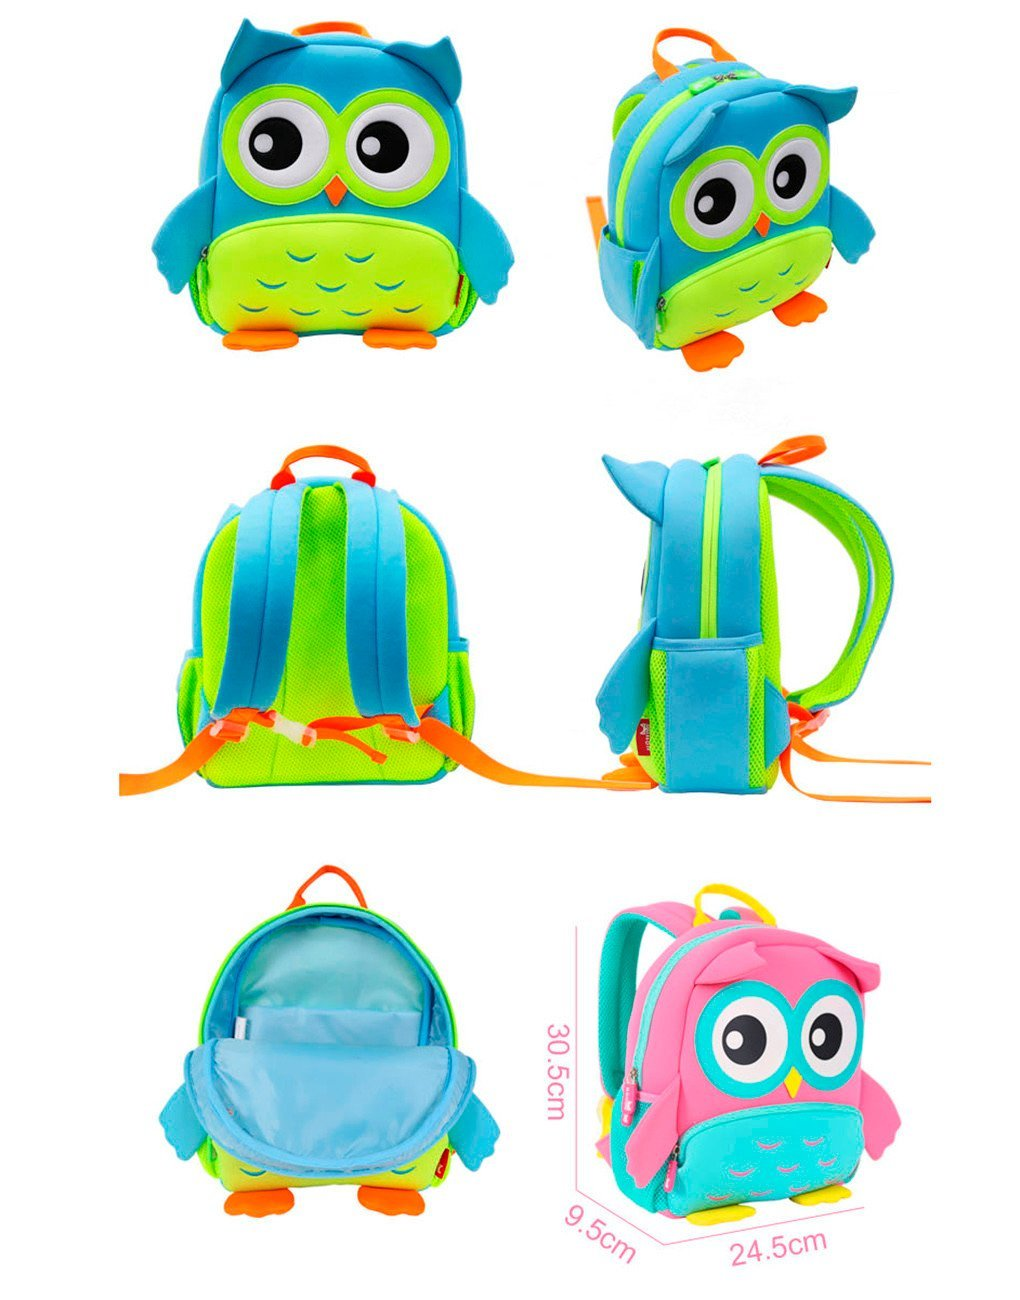 custom made backpacks for kids backpacks shoulder herschel kids backpack Nohoo Children Products Brand